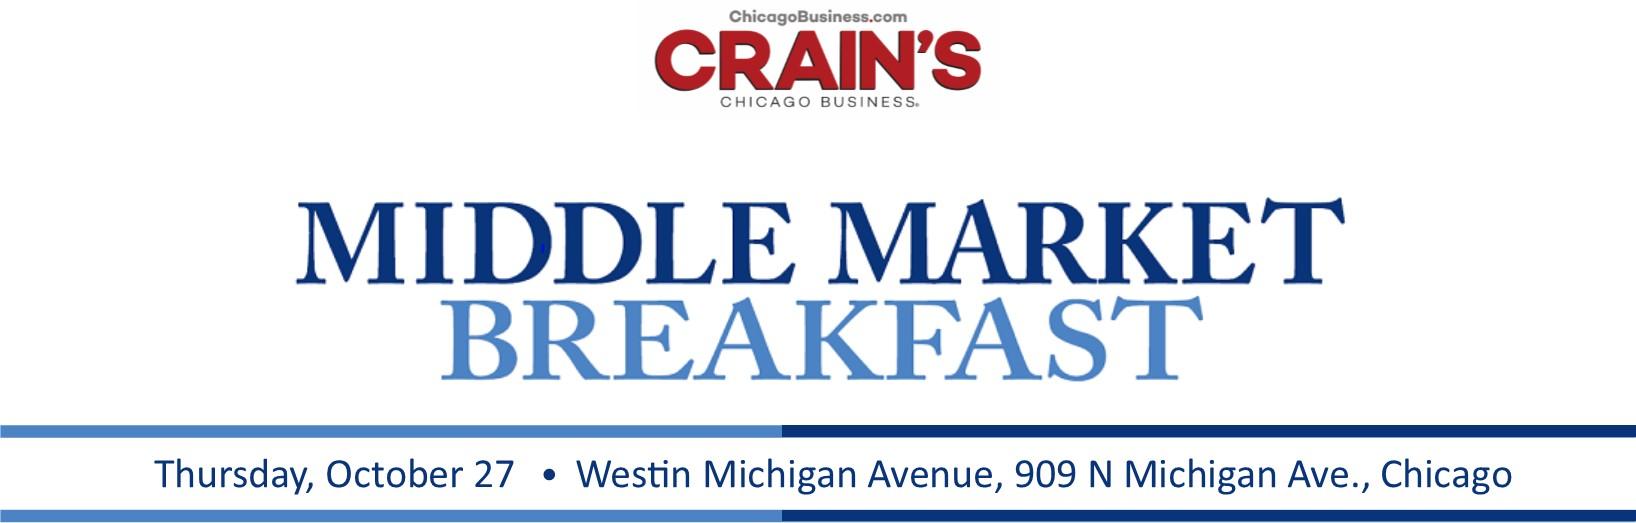 Crain's Middle Market Breakfast